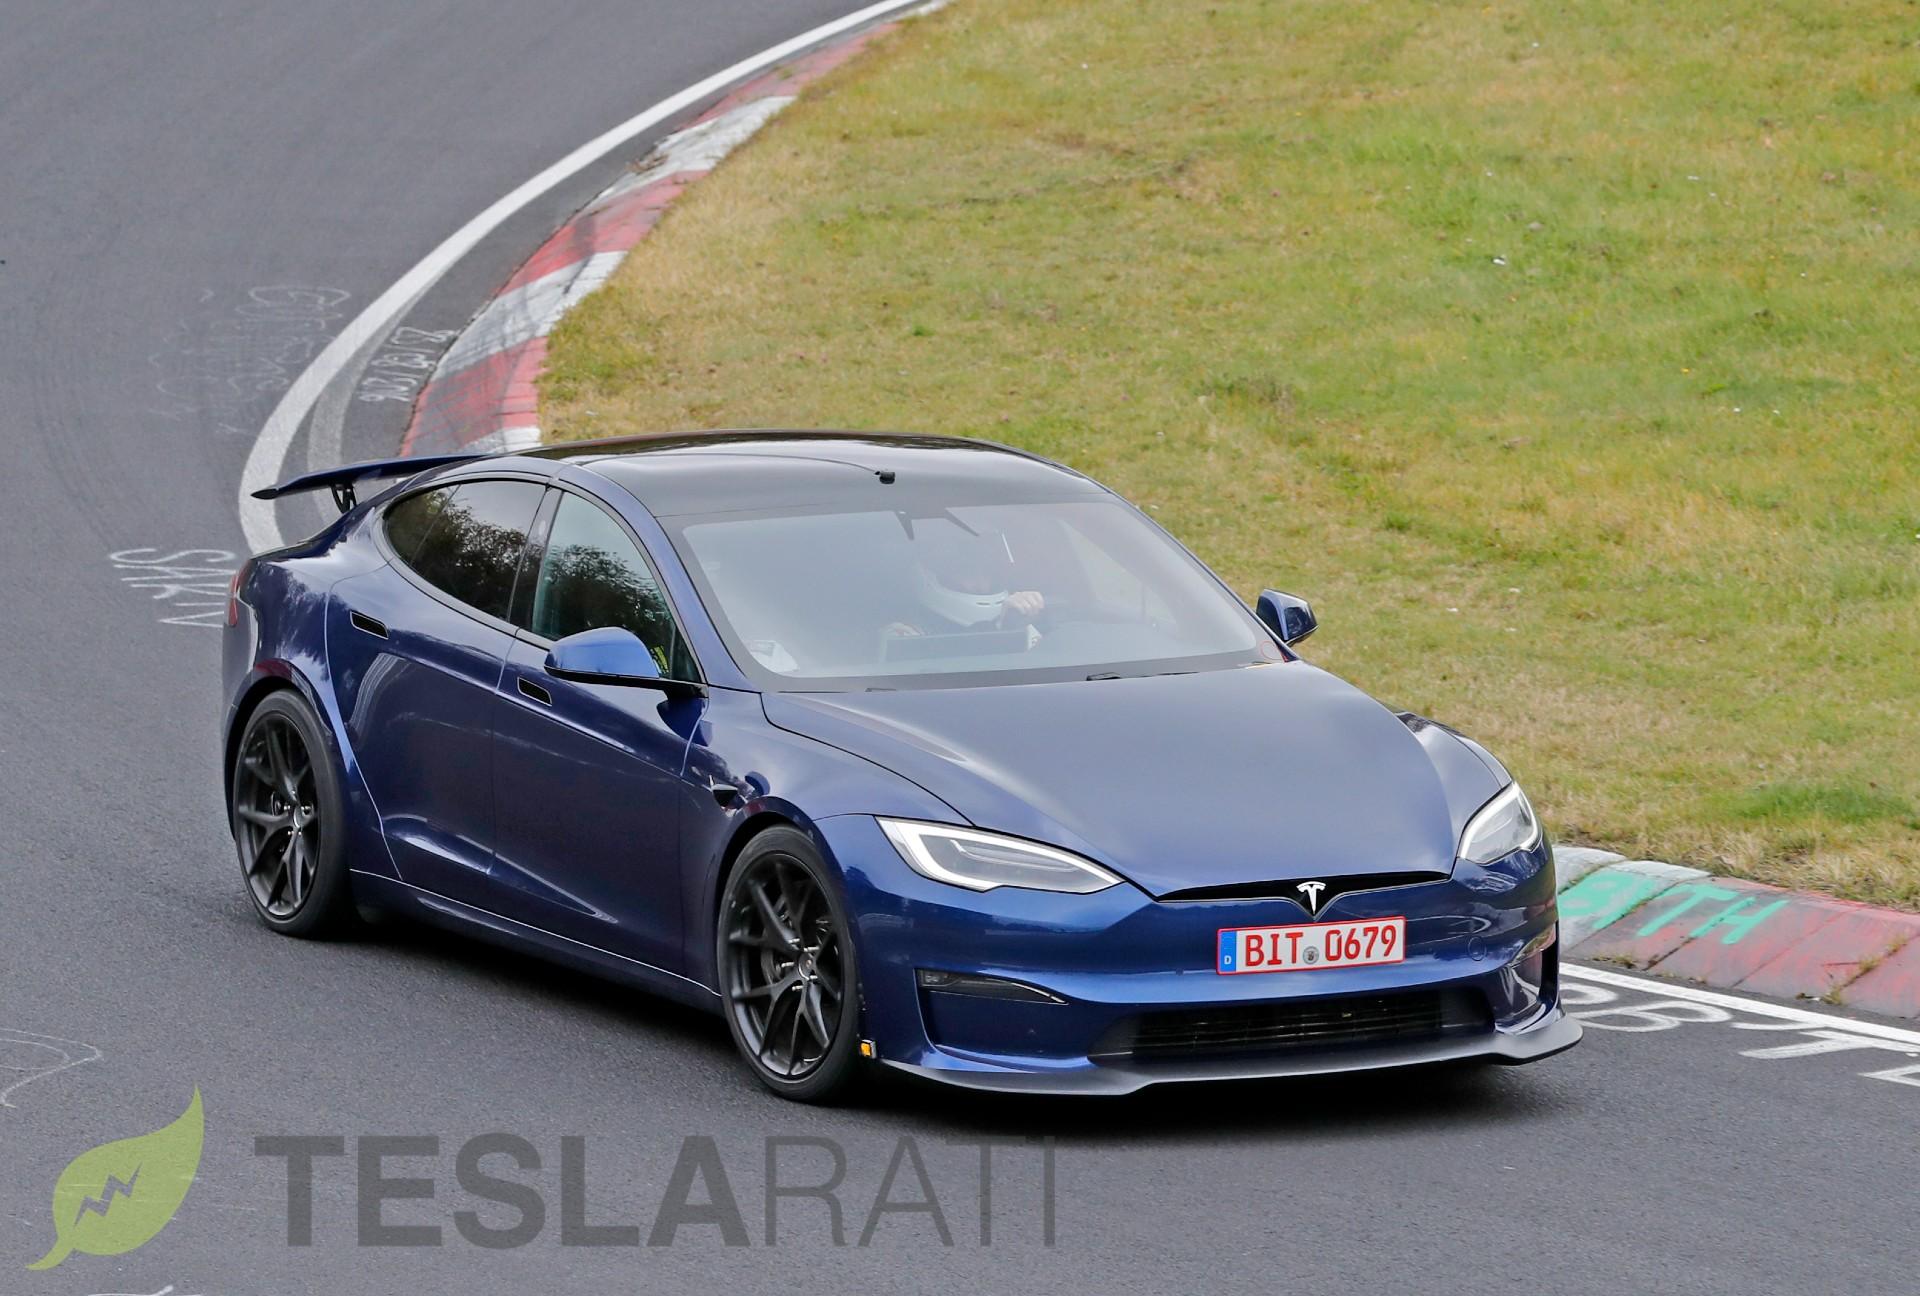 tesla-model-s-plaid-active-spoiler-nürburgring-track-pack-3